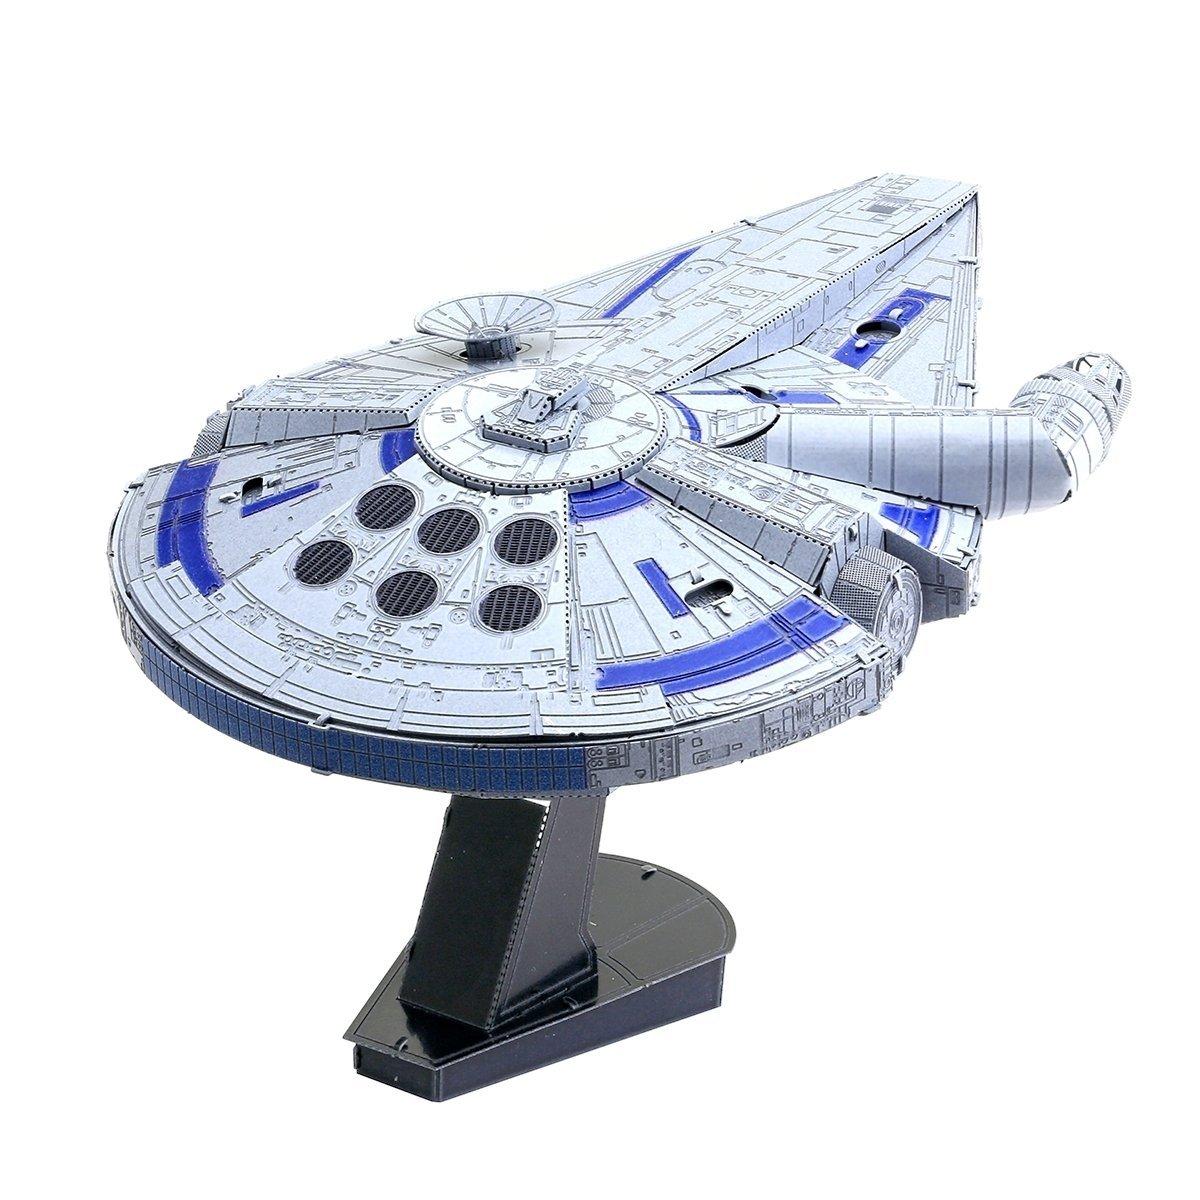 Solo: ASWS Millennium Falcon 3D Metal Model Kit 2